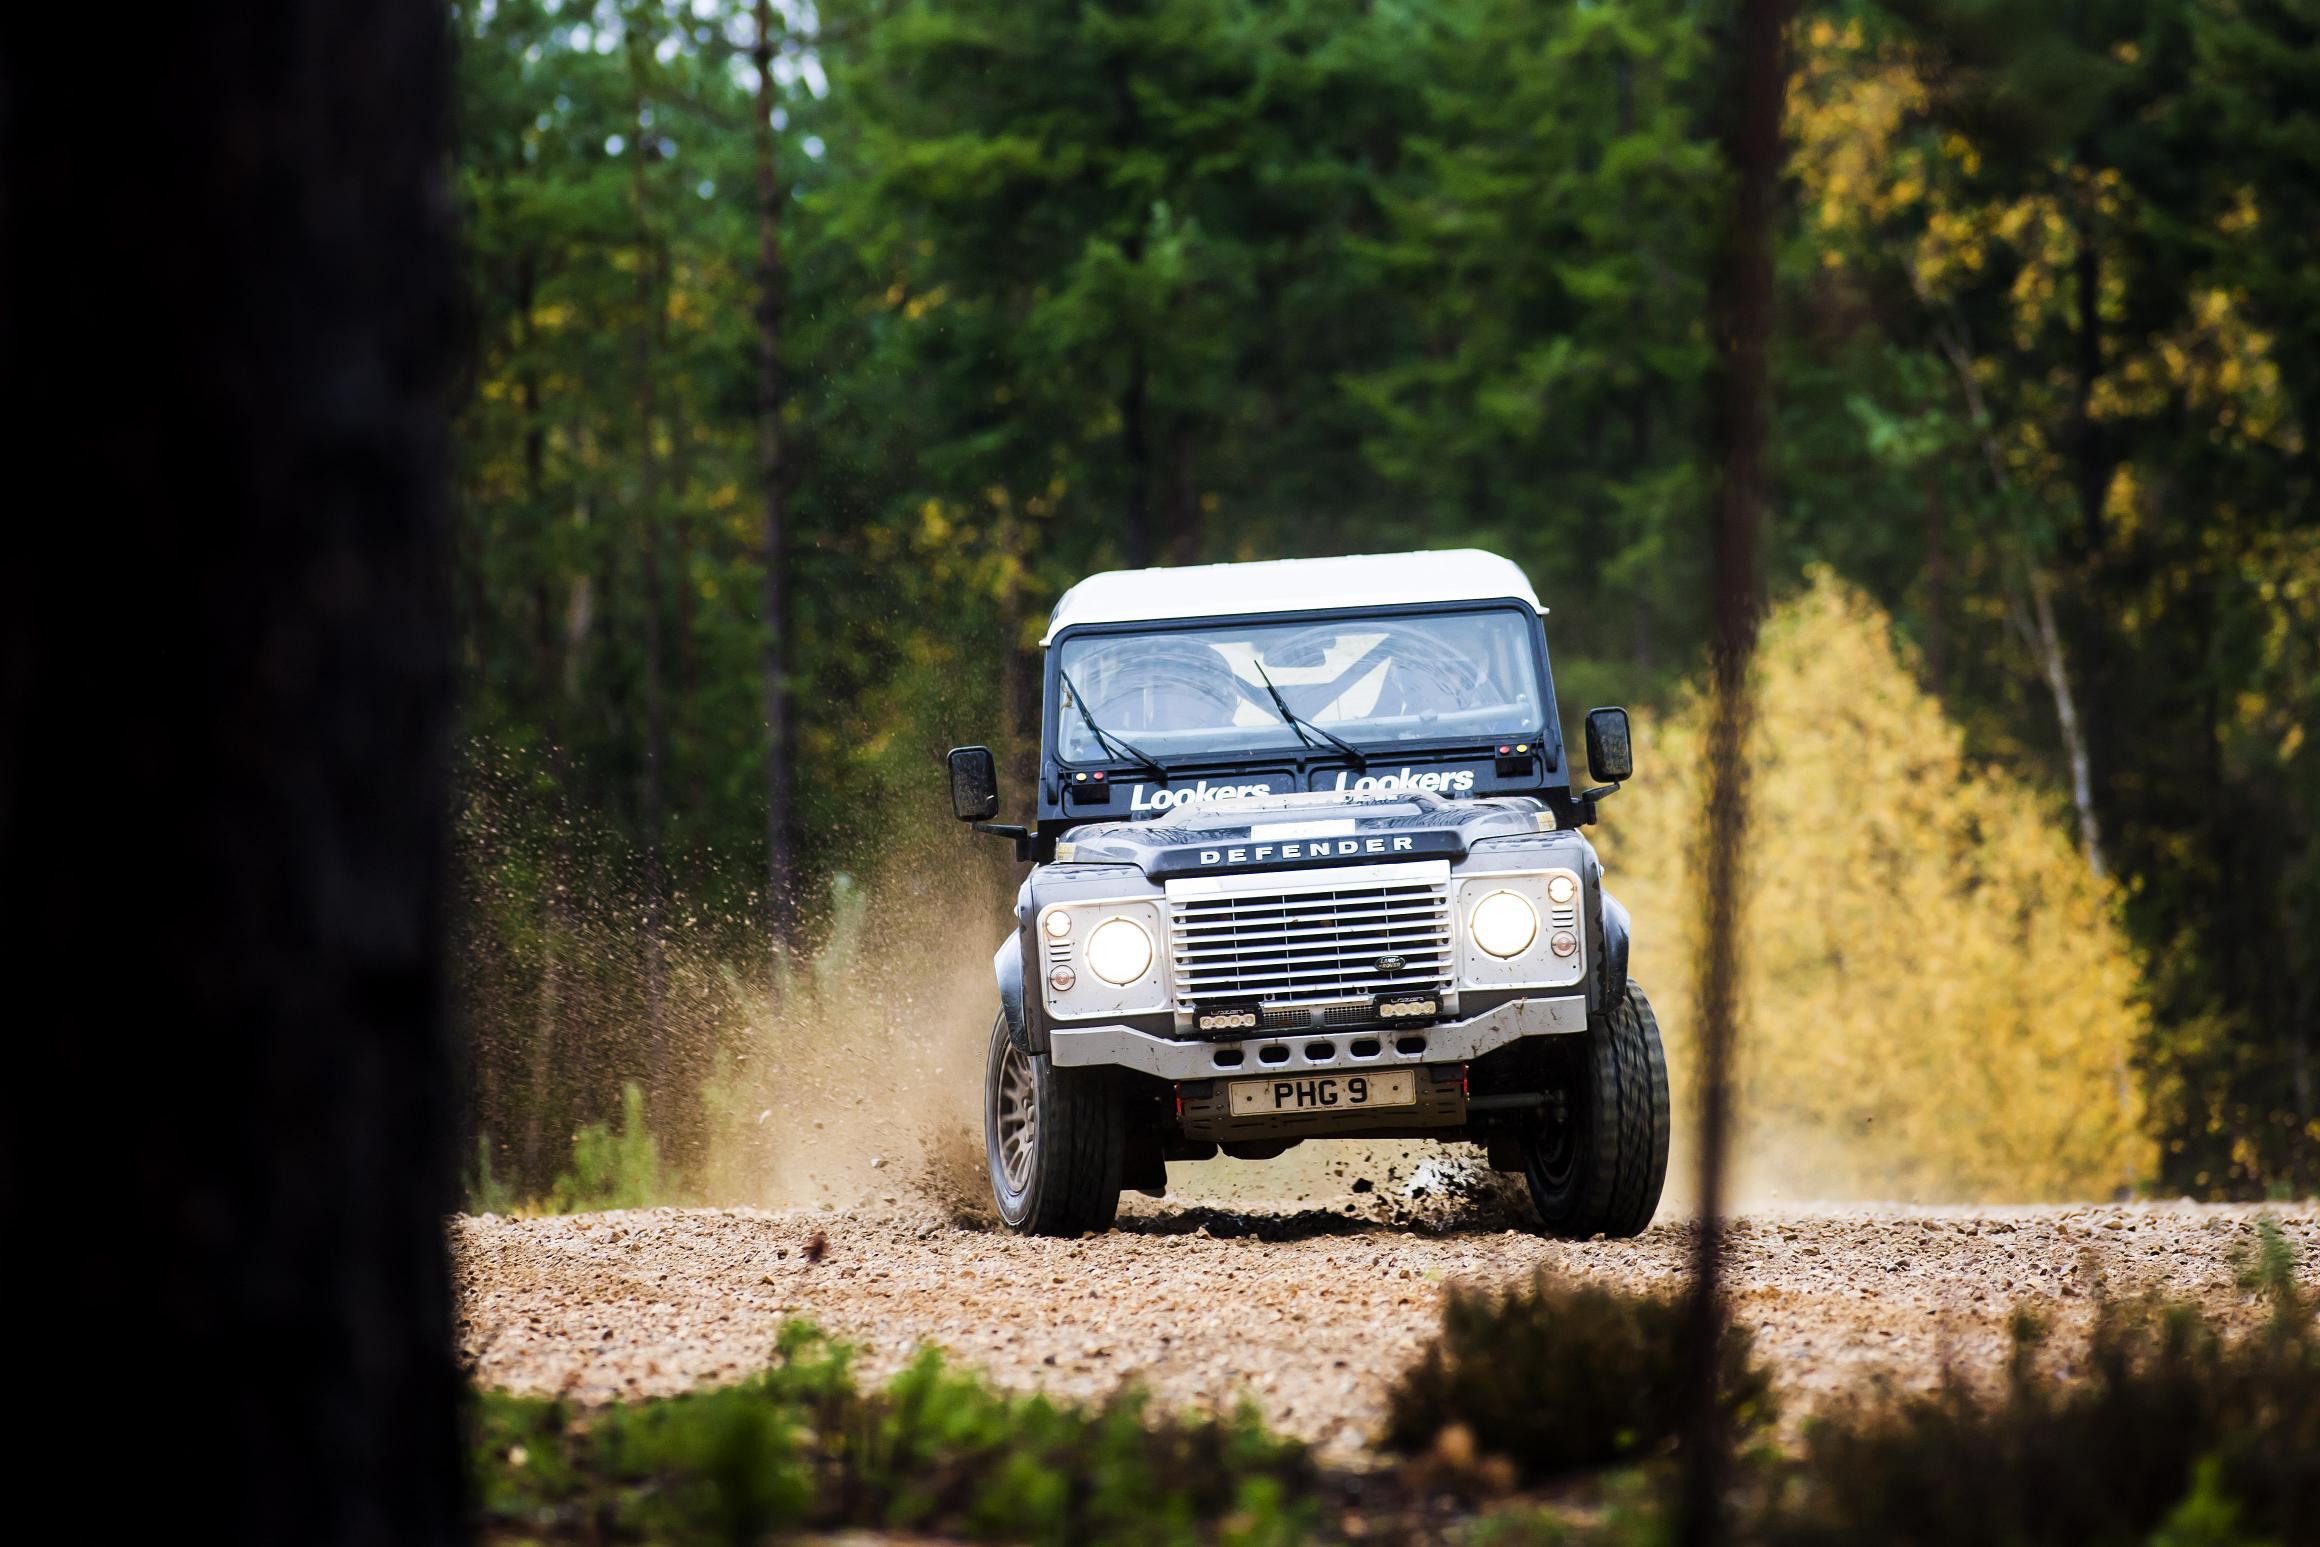 Land Rover Defender Challenge 2015 - round 5